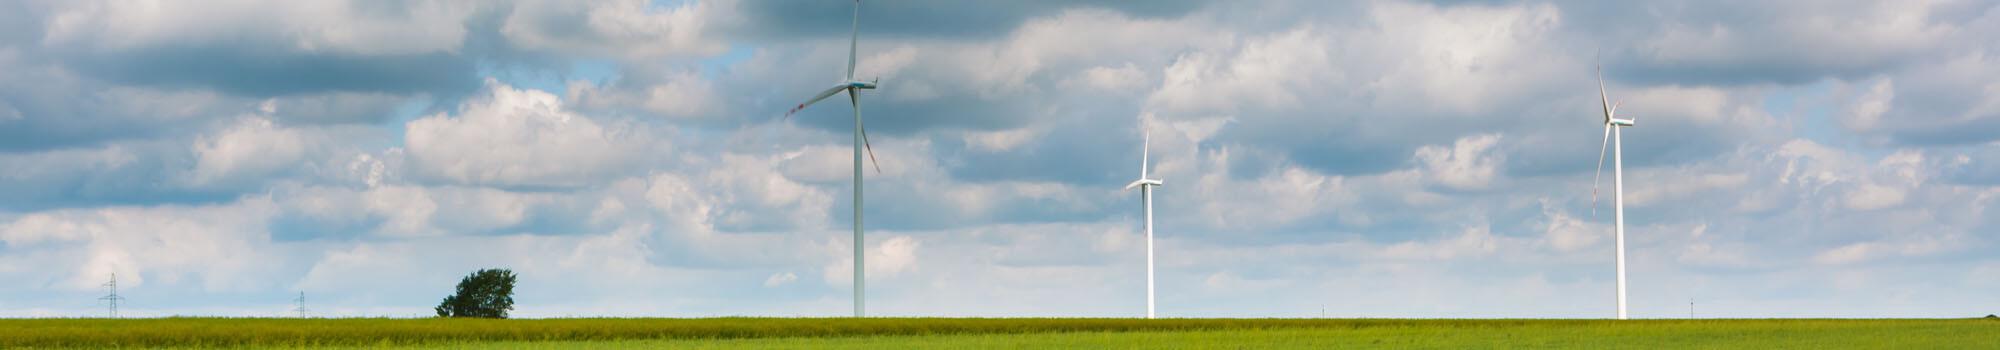 Wind power meter reading